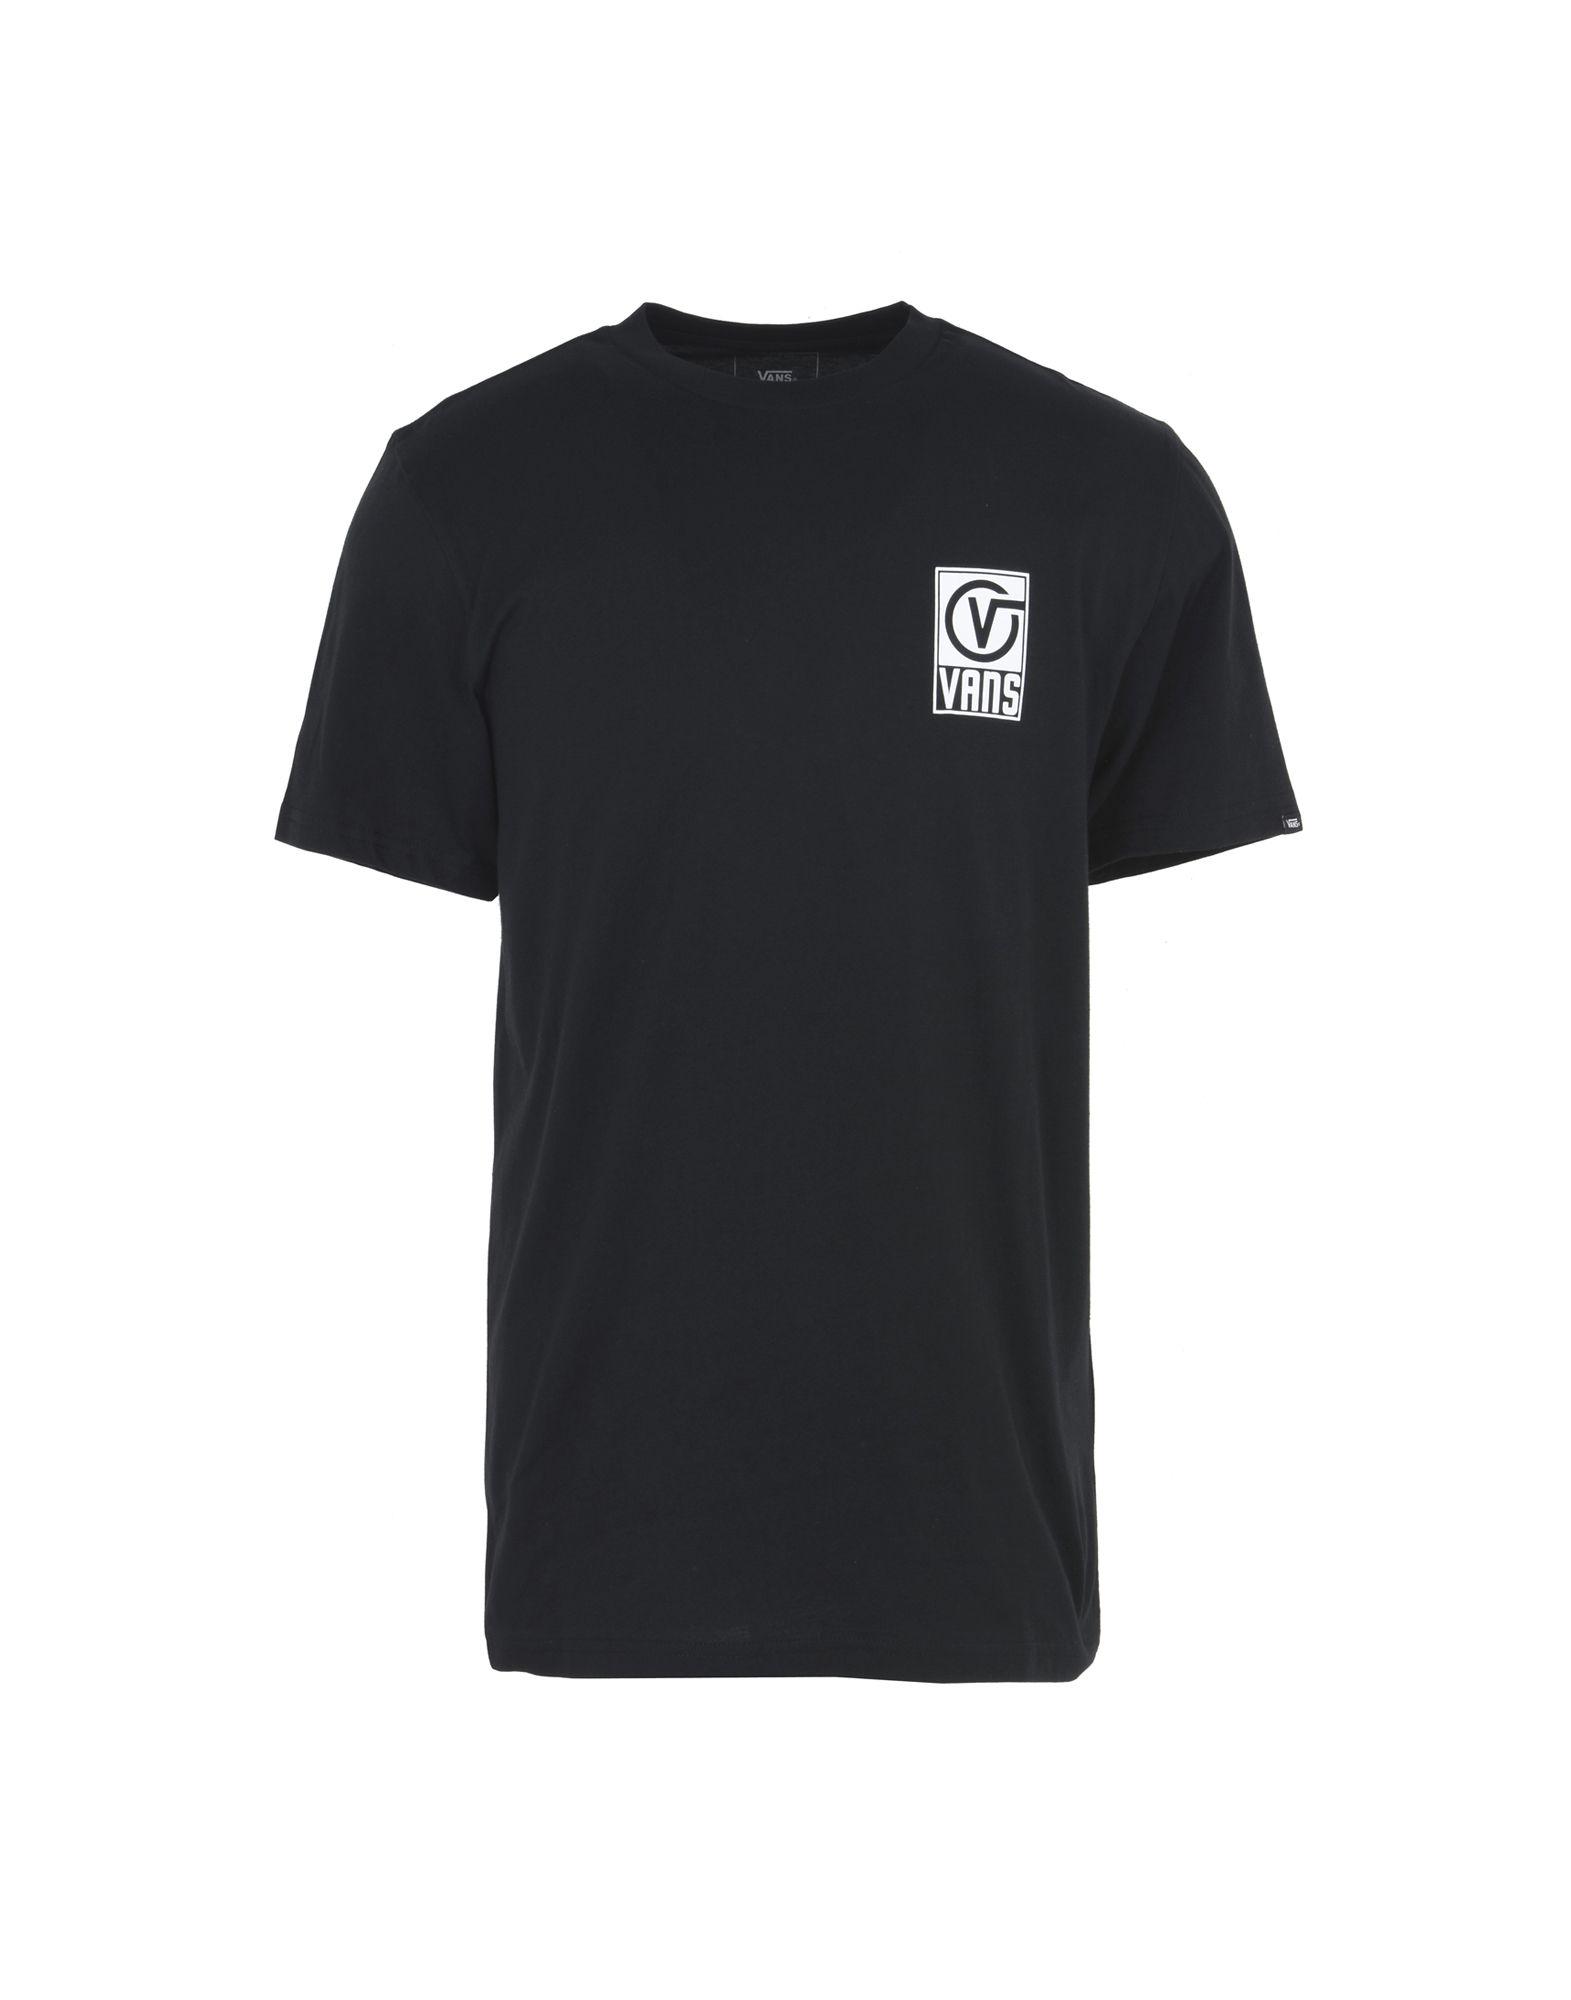 《送料無料》VANS メンズ T シャツ ブラック S コットン 100% VANS WORLDWIDE